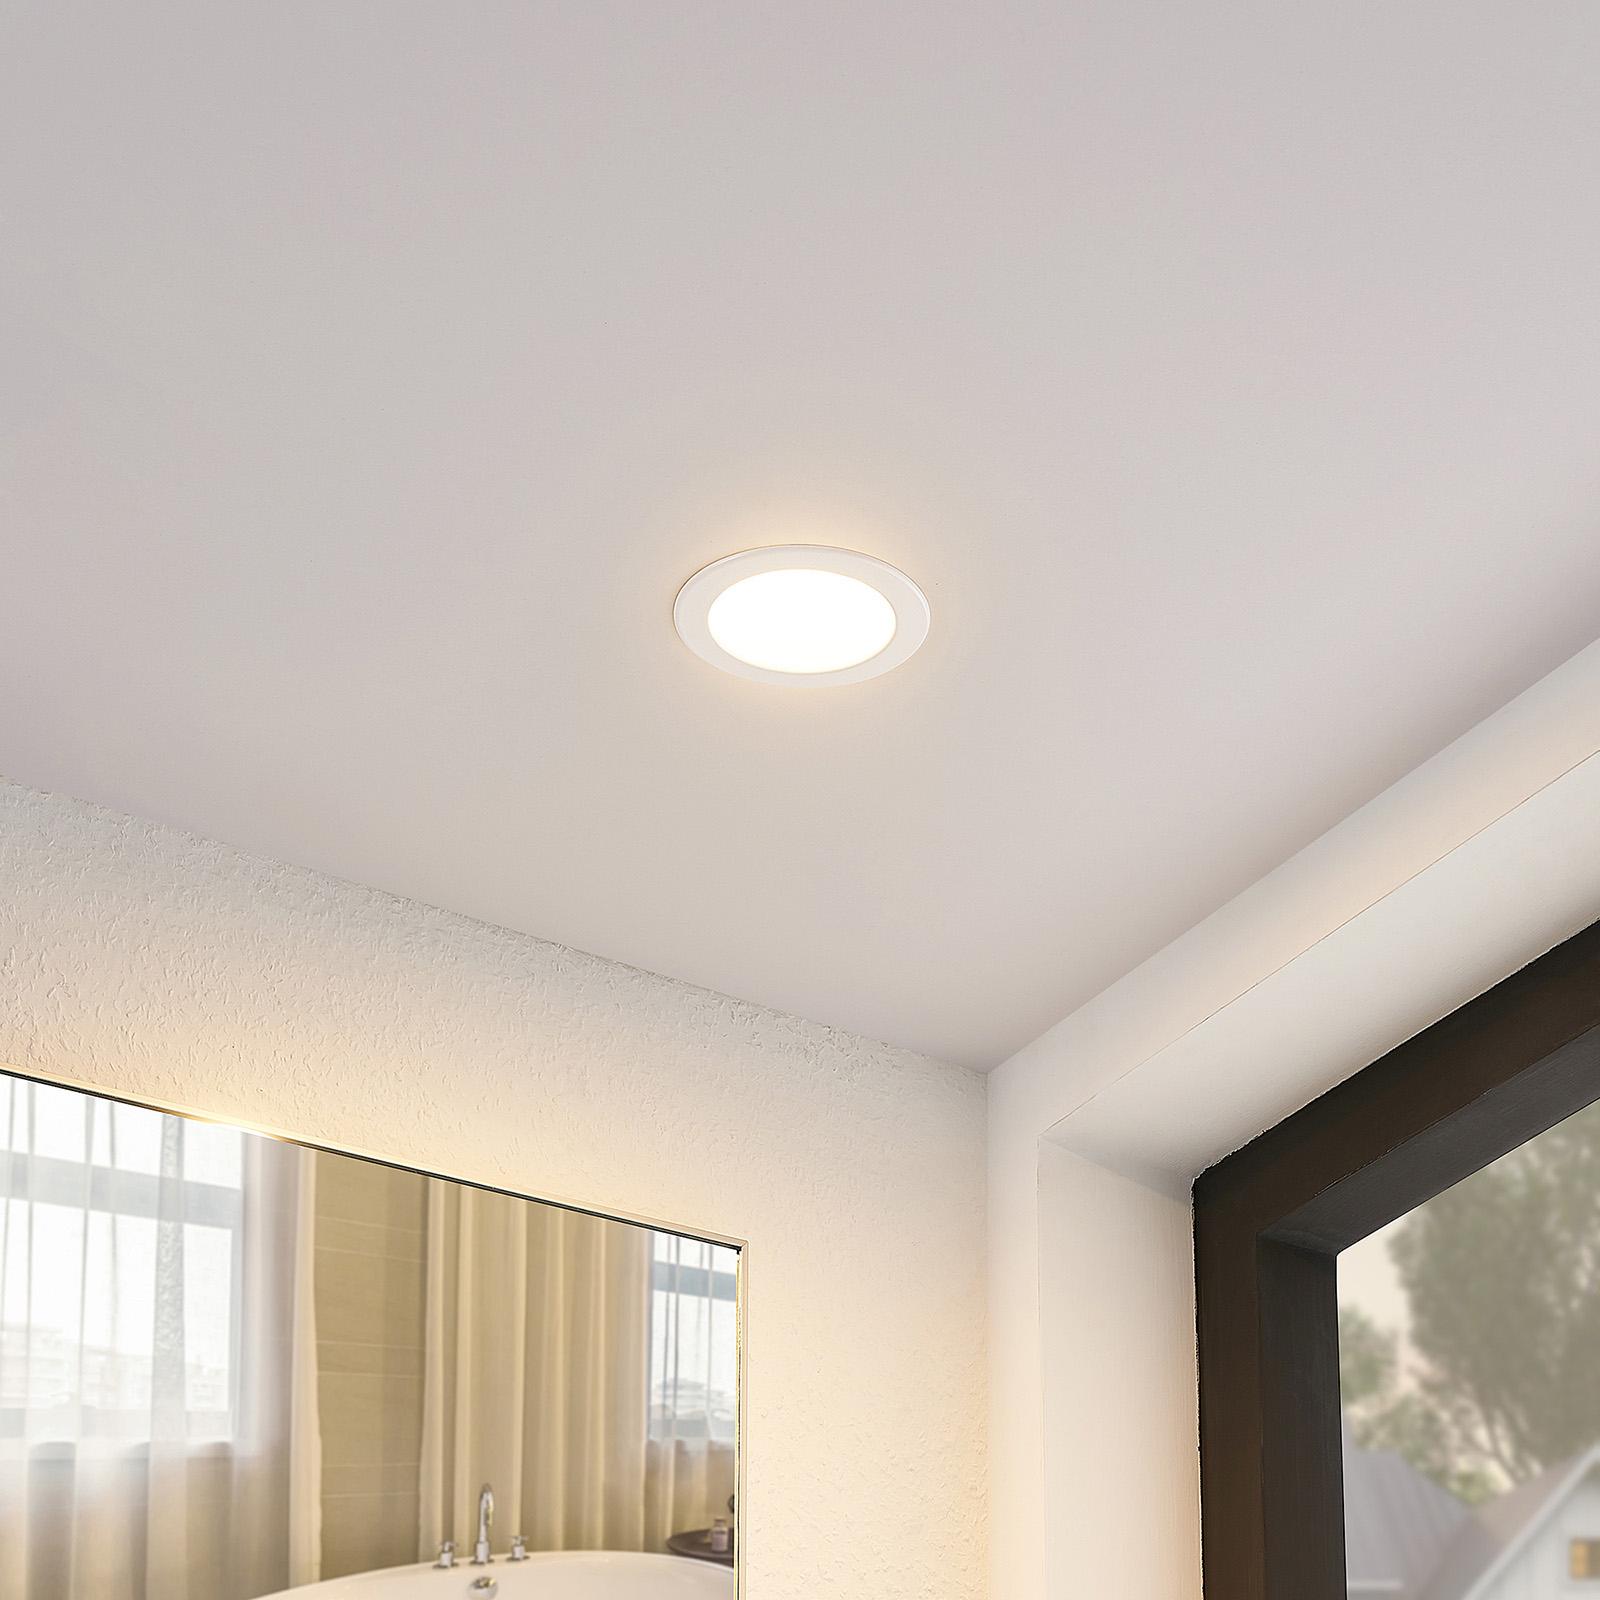 Piet rund LED innfellingslampe, 8,5 W